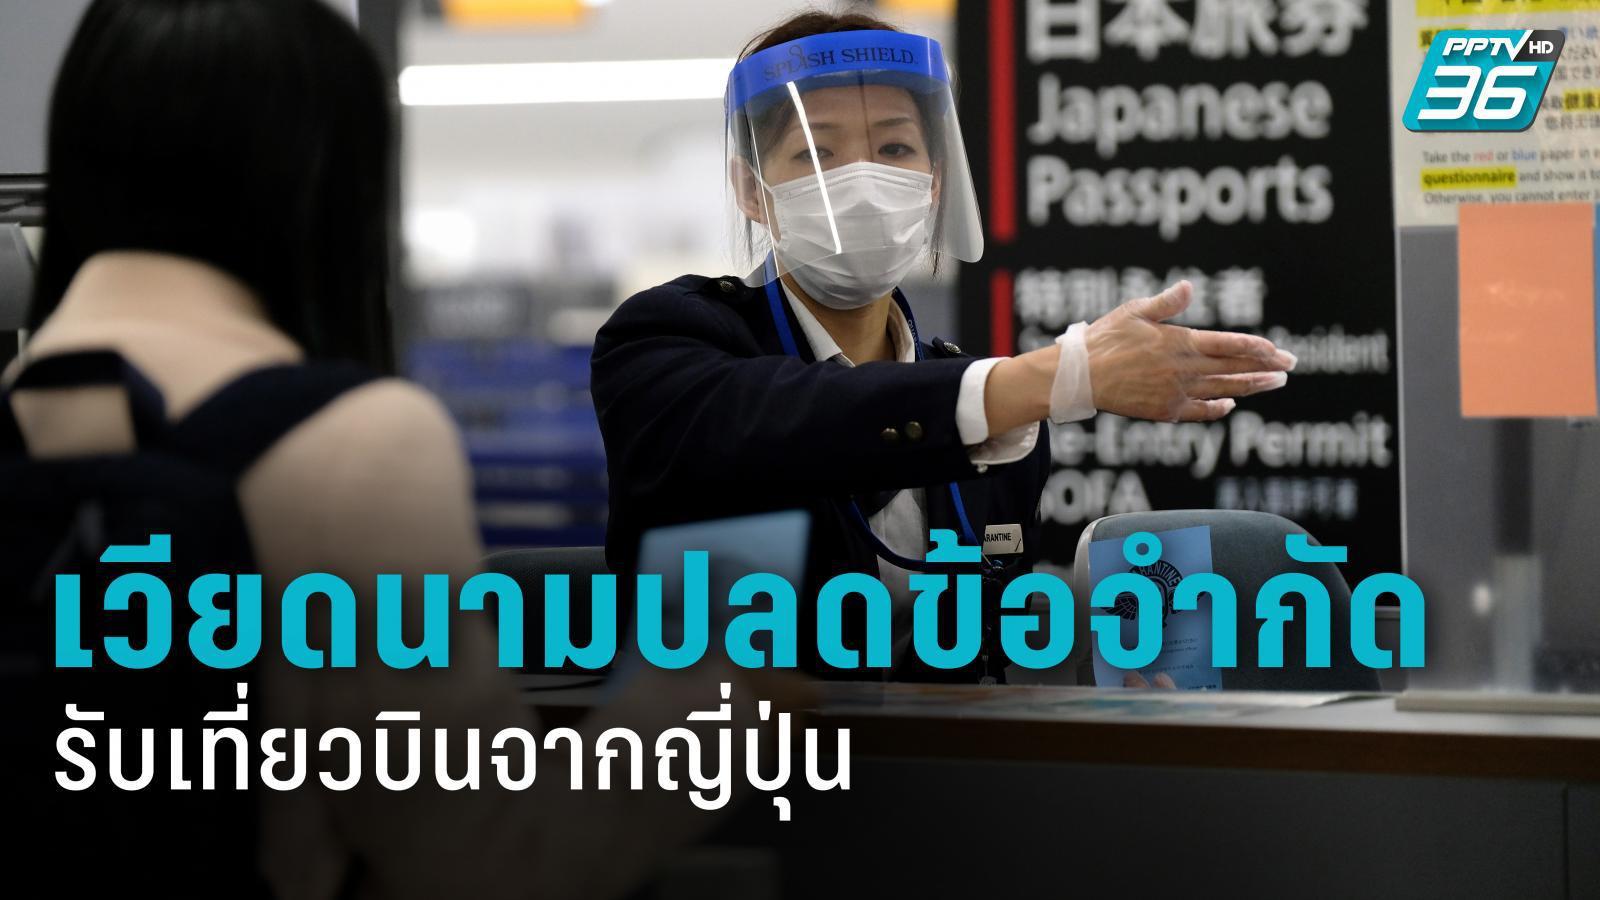 เวียดนามอนุญาตเที่ยวบินจากญี่ปุ่นเข้าประเทศได้